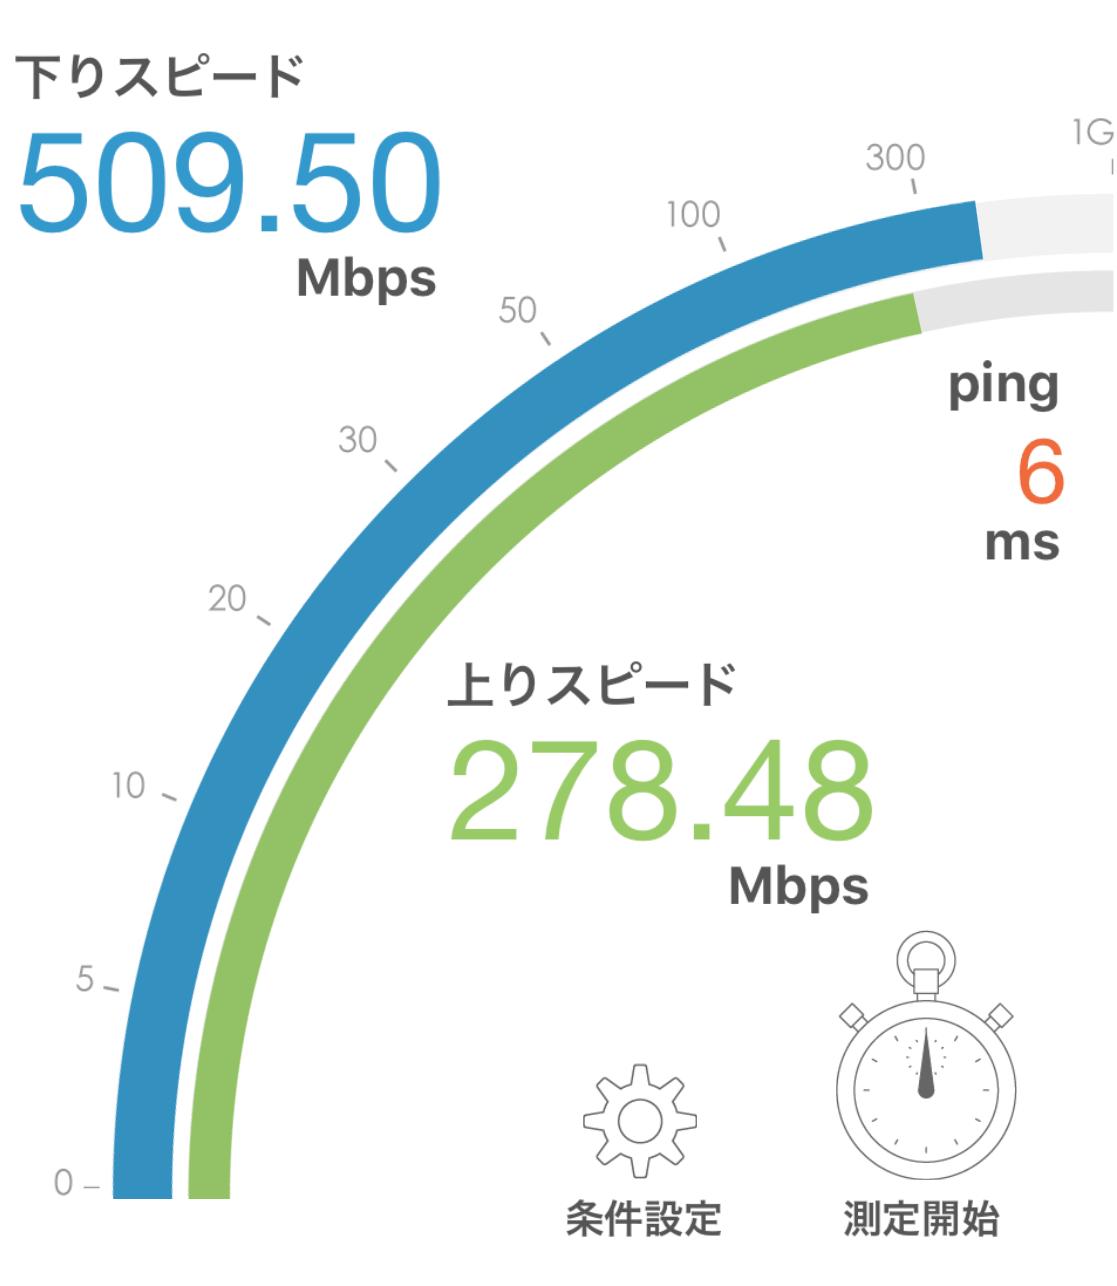 ニューロ光 Wi-Fi実測 2019年1月 計測結果